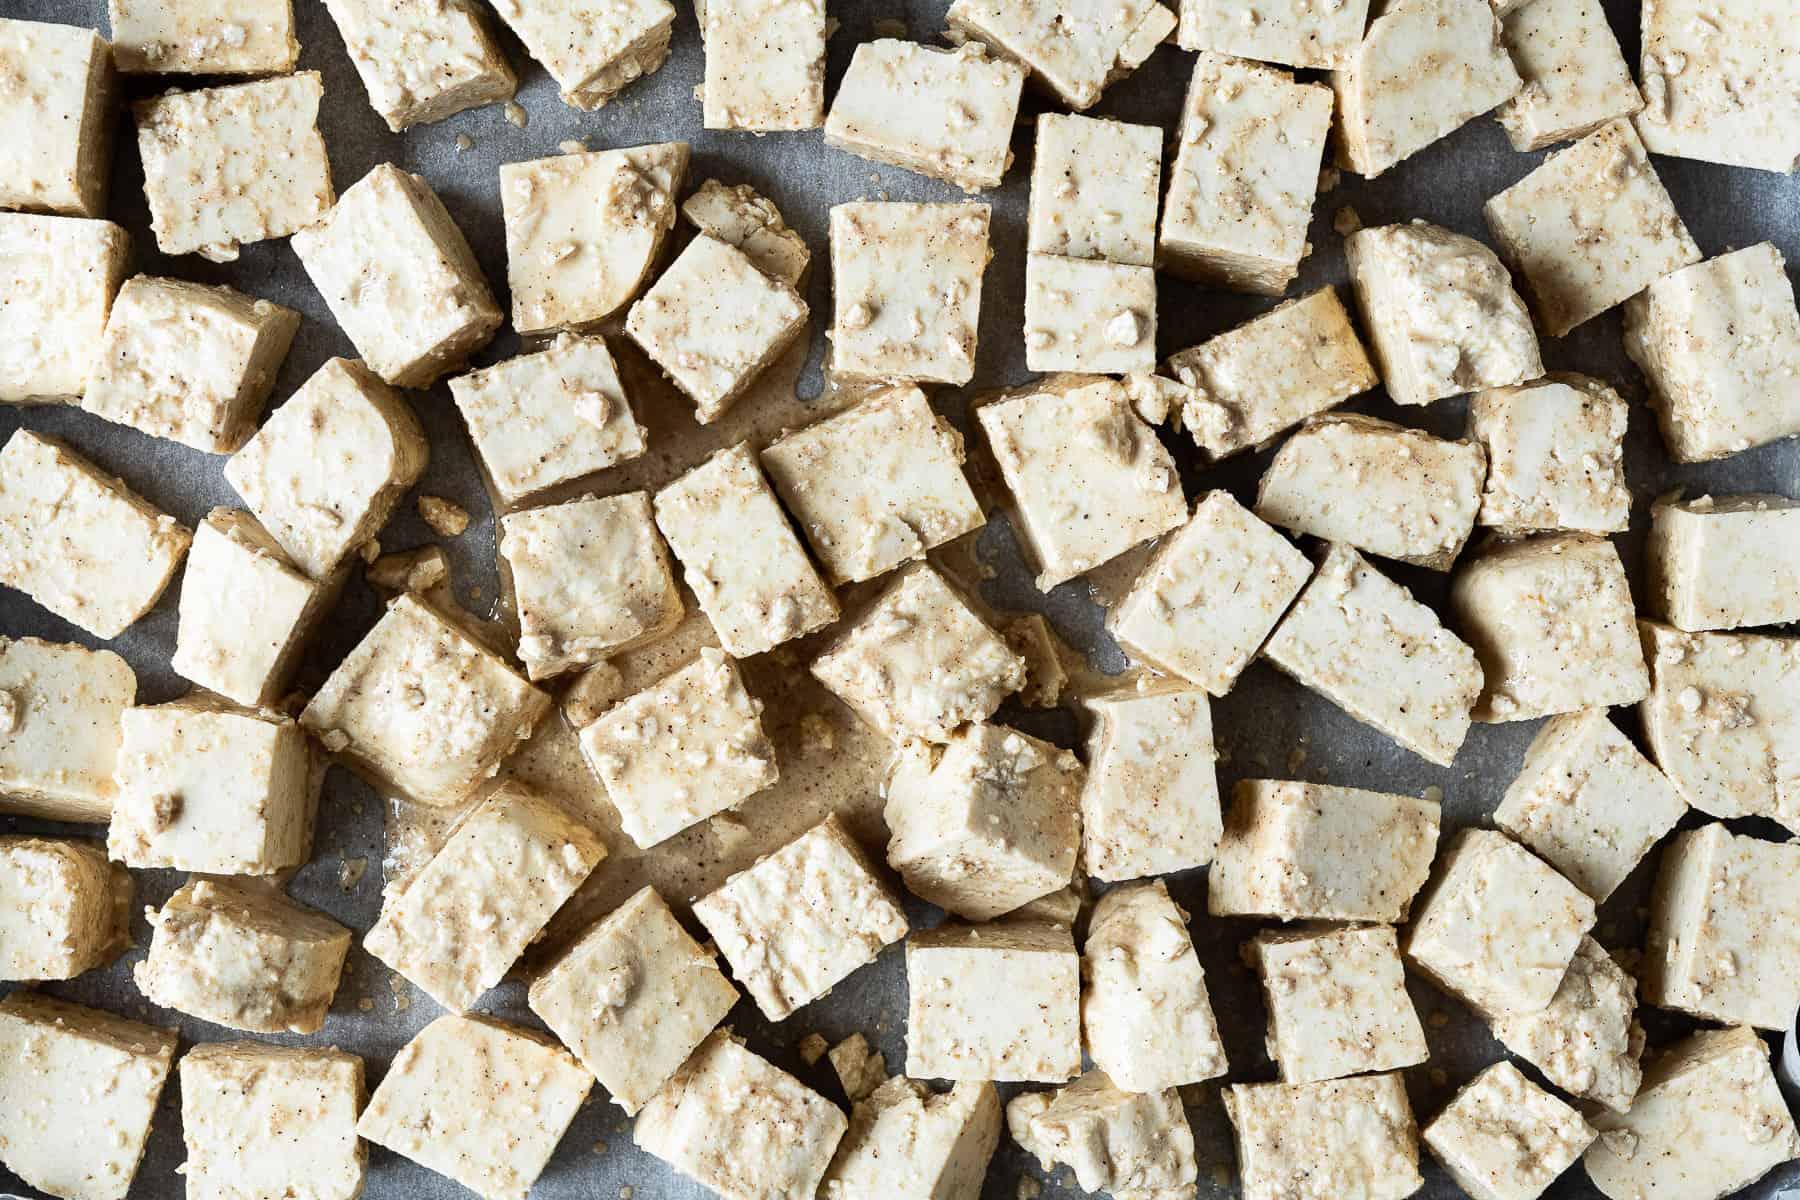 The unbaked tofu 'paneer'.